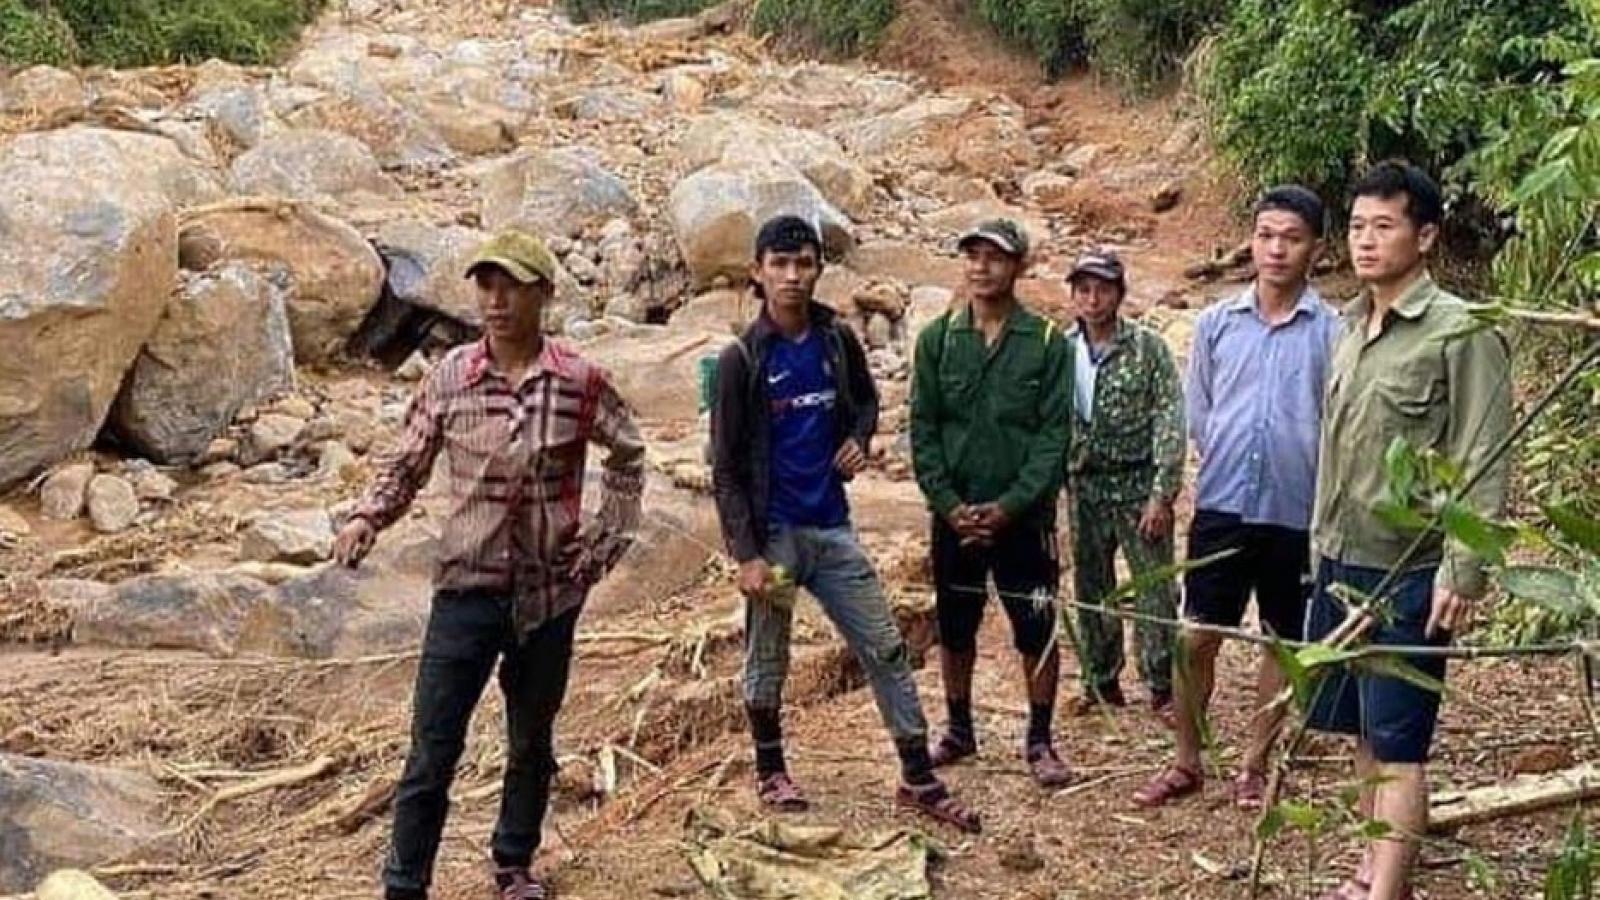 Đã tìm thấy 4 thi thể bị vùi lấp do sạt lở núi ở Quảng Bình